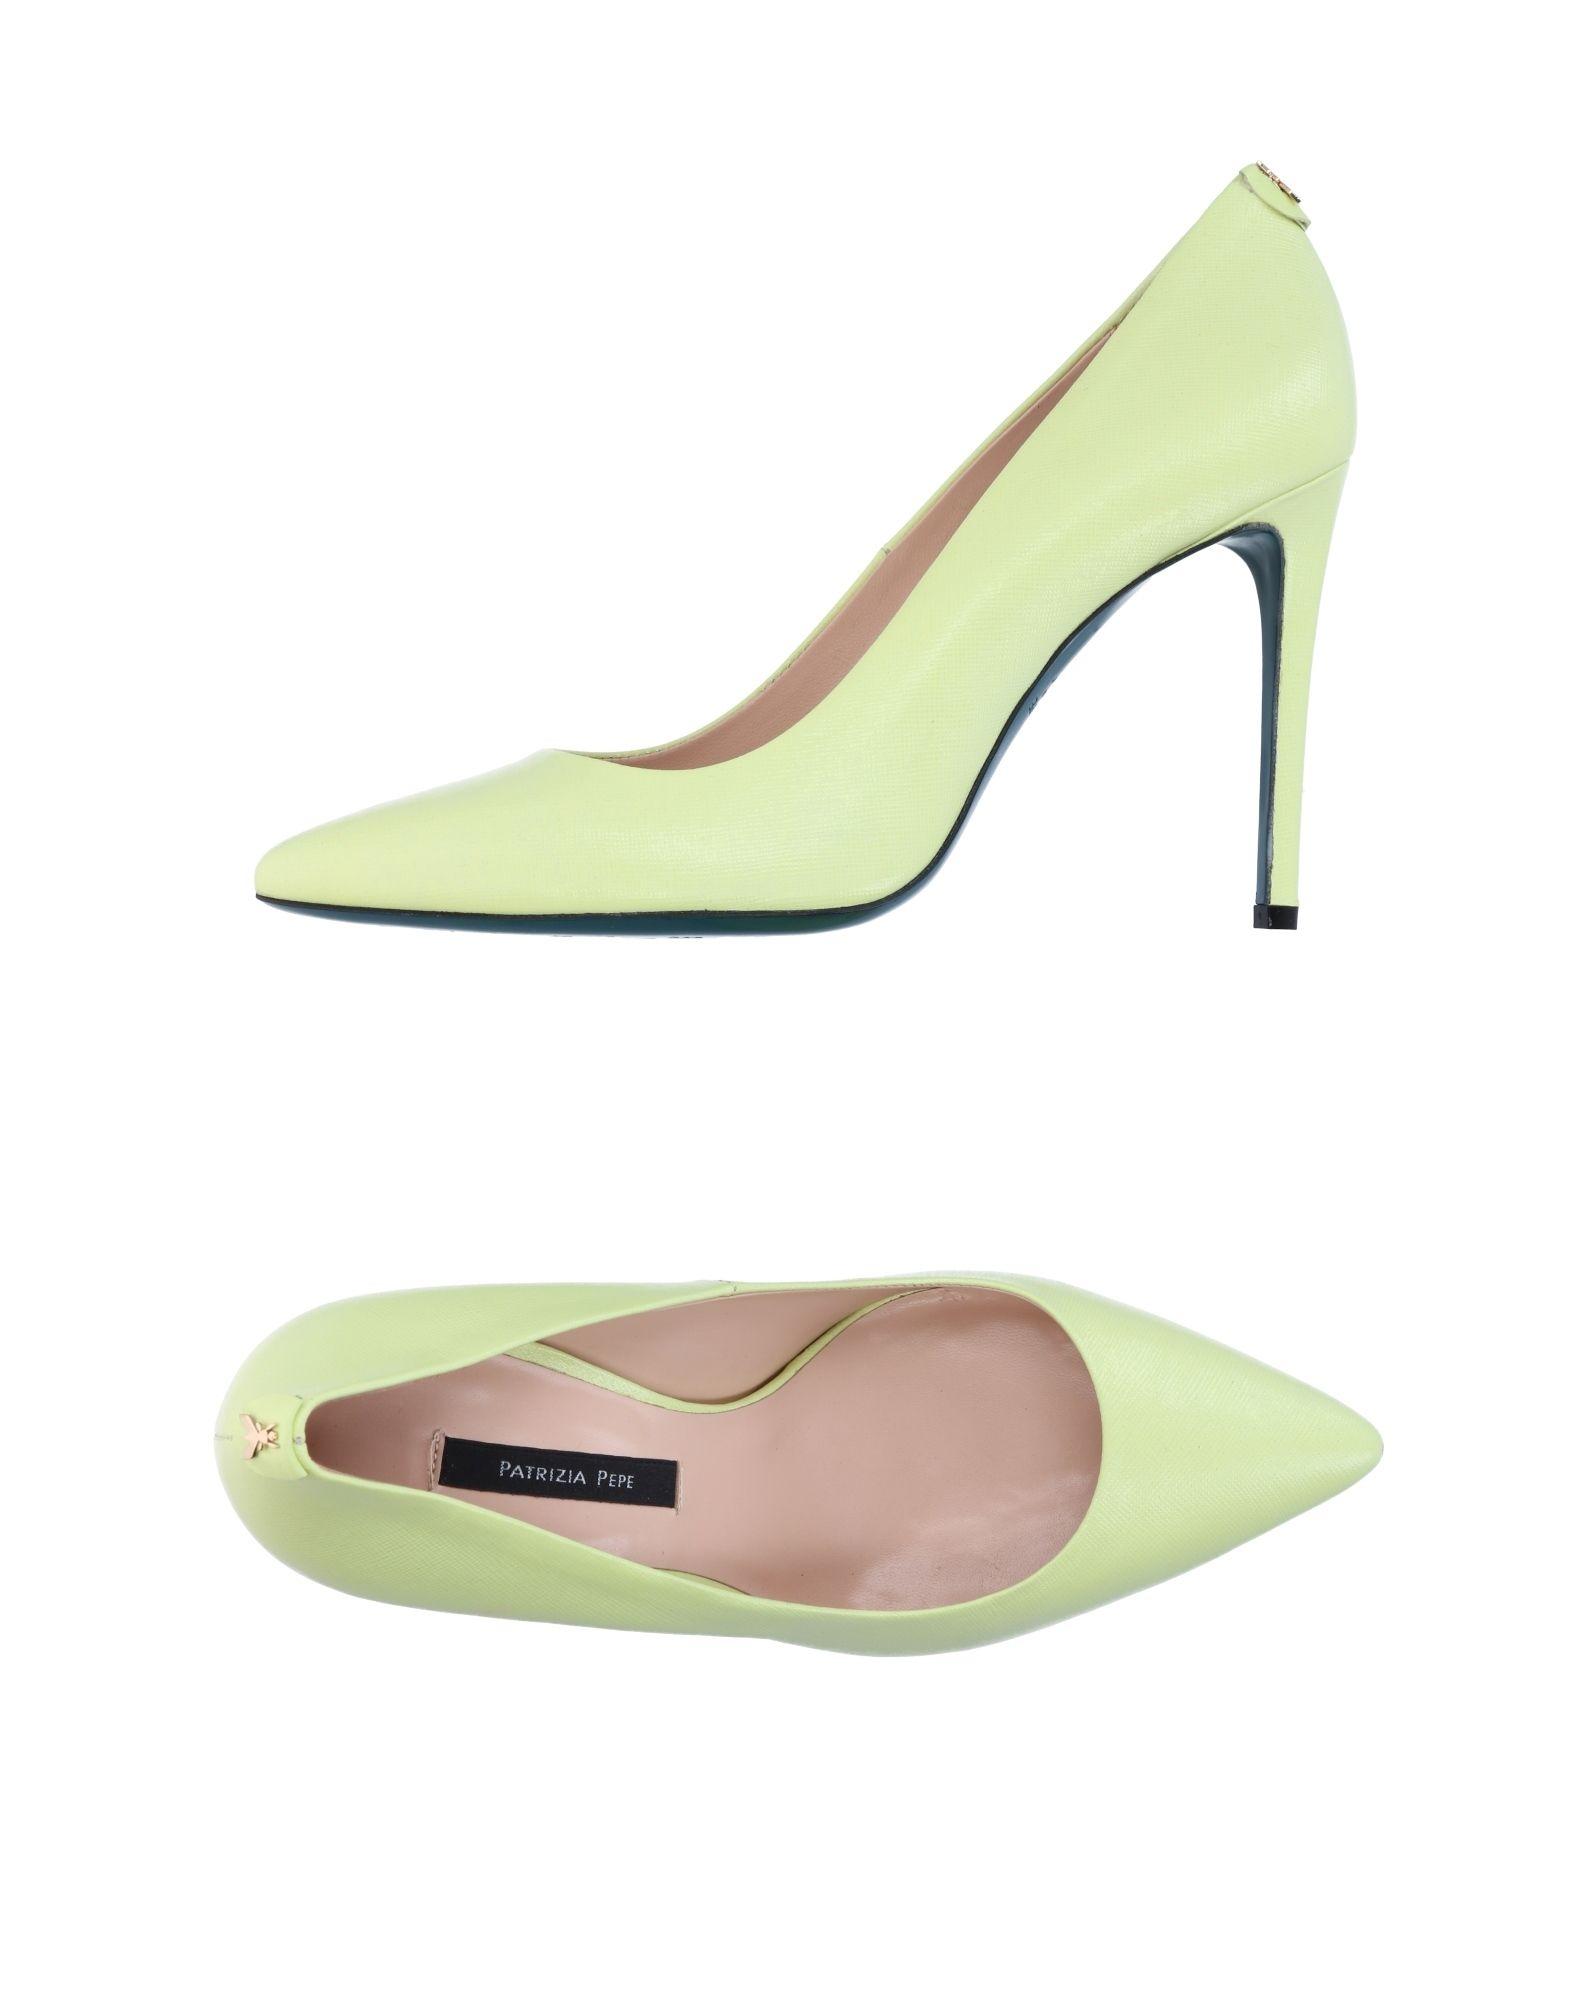 где купить PATRIZIA PEPE Туфли по лучшей цене